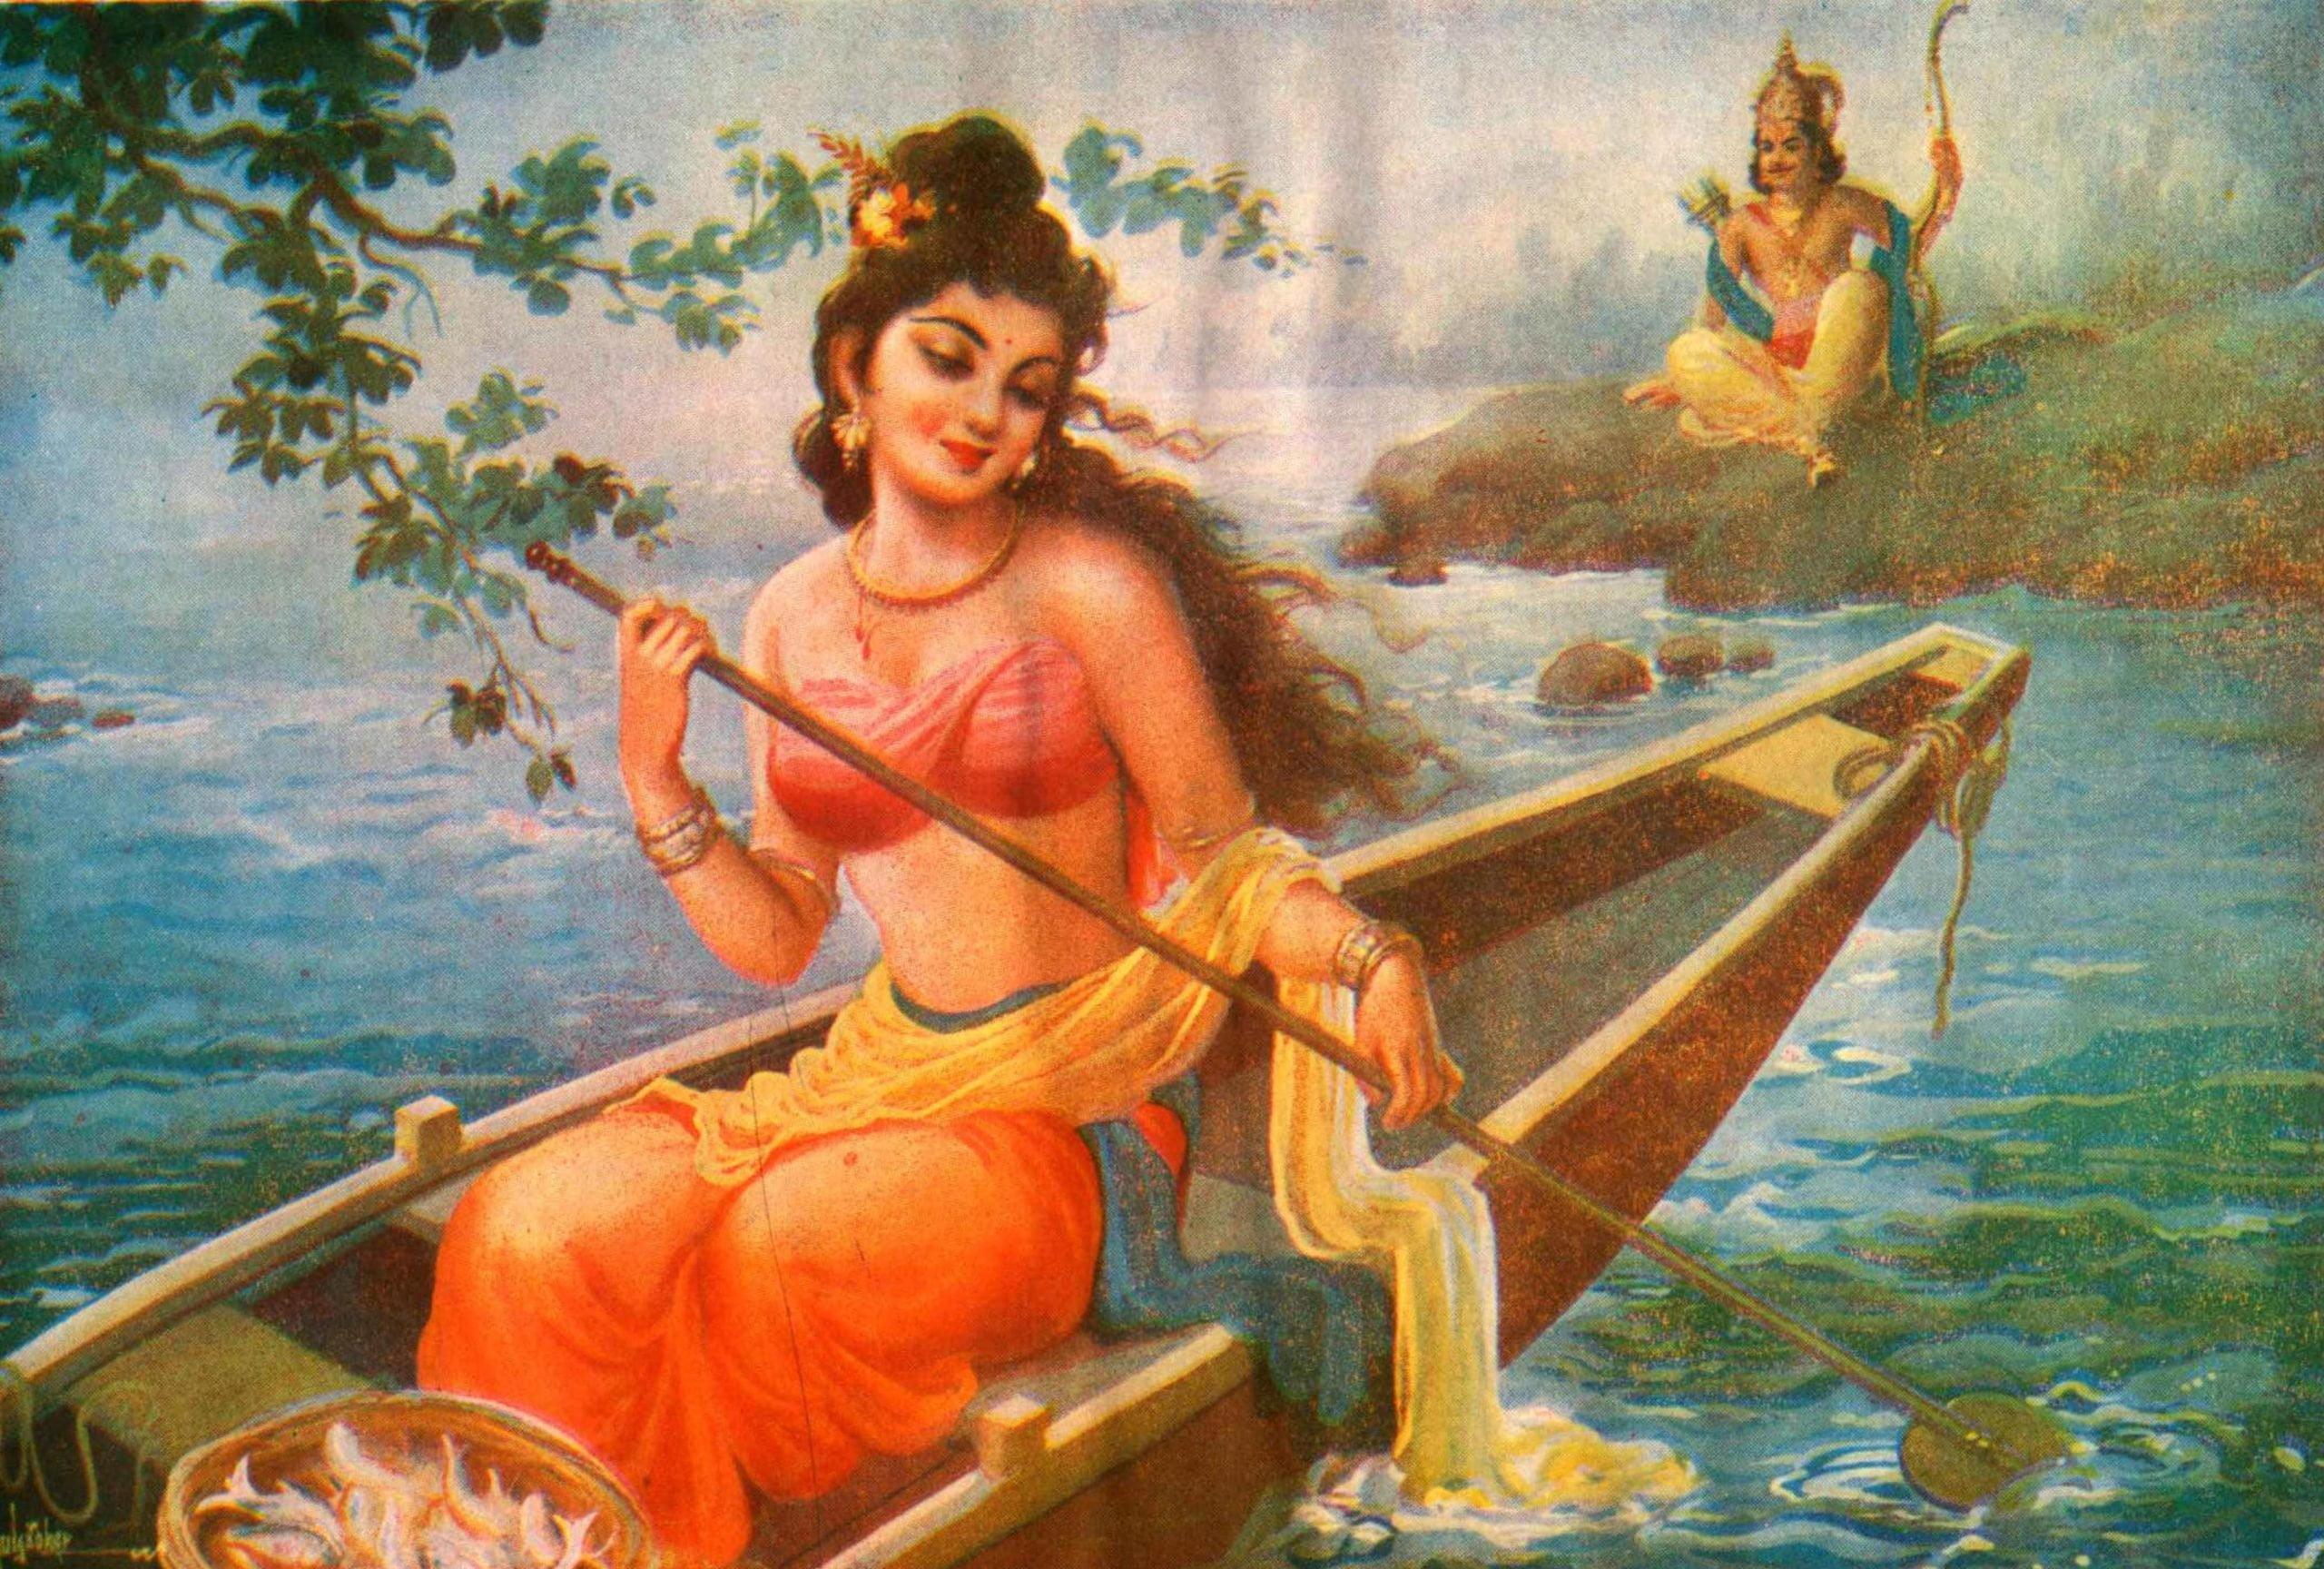 Shantanu sees Satyavati